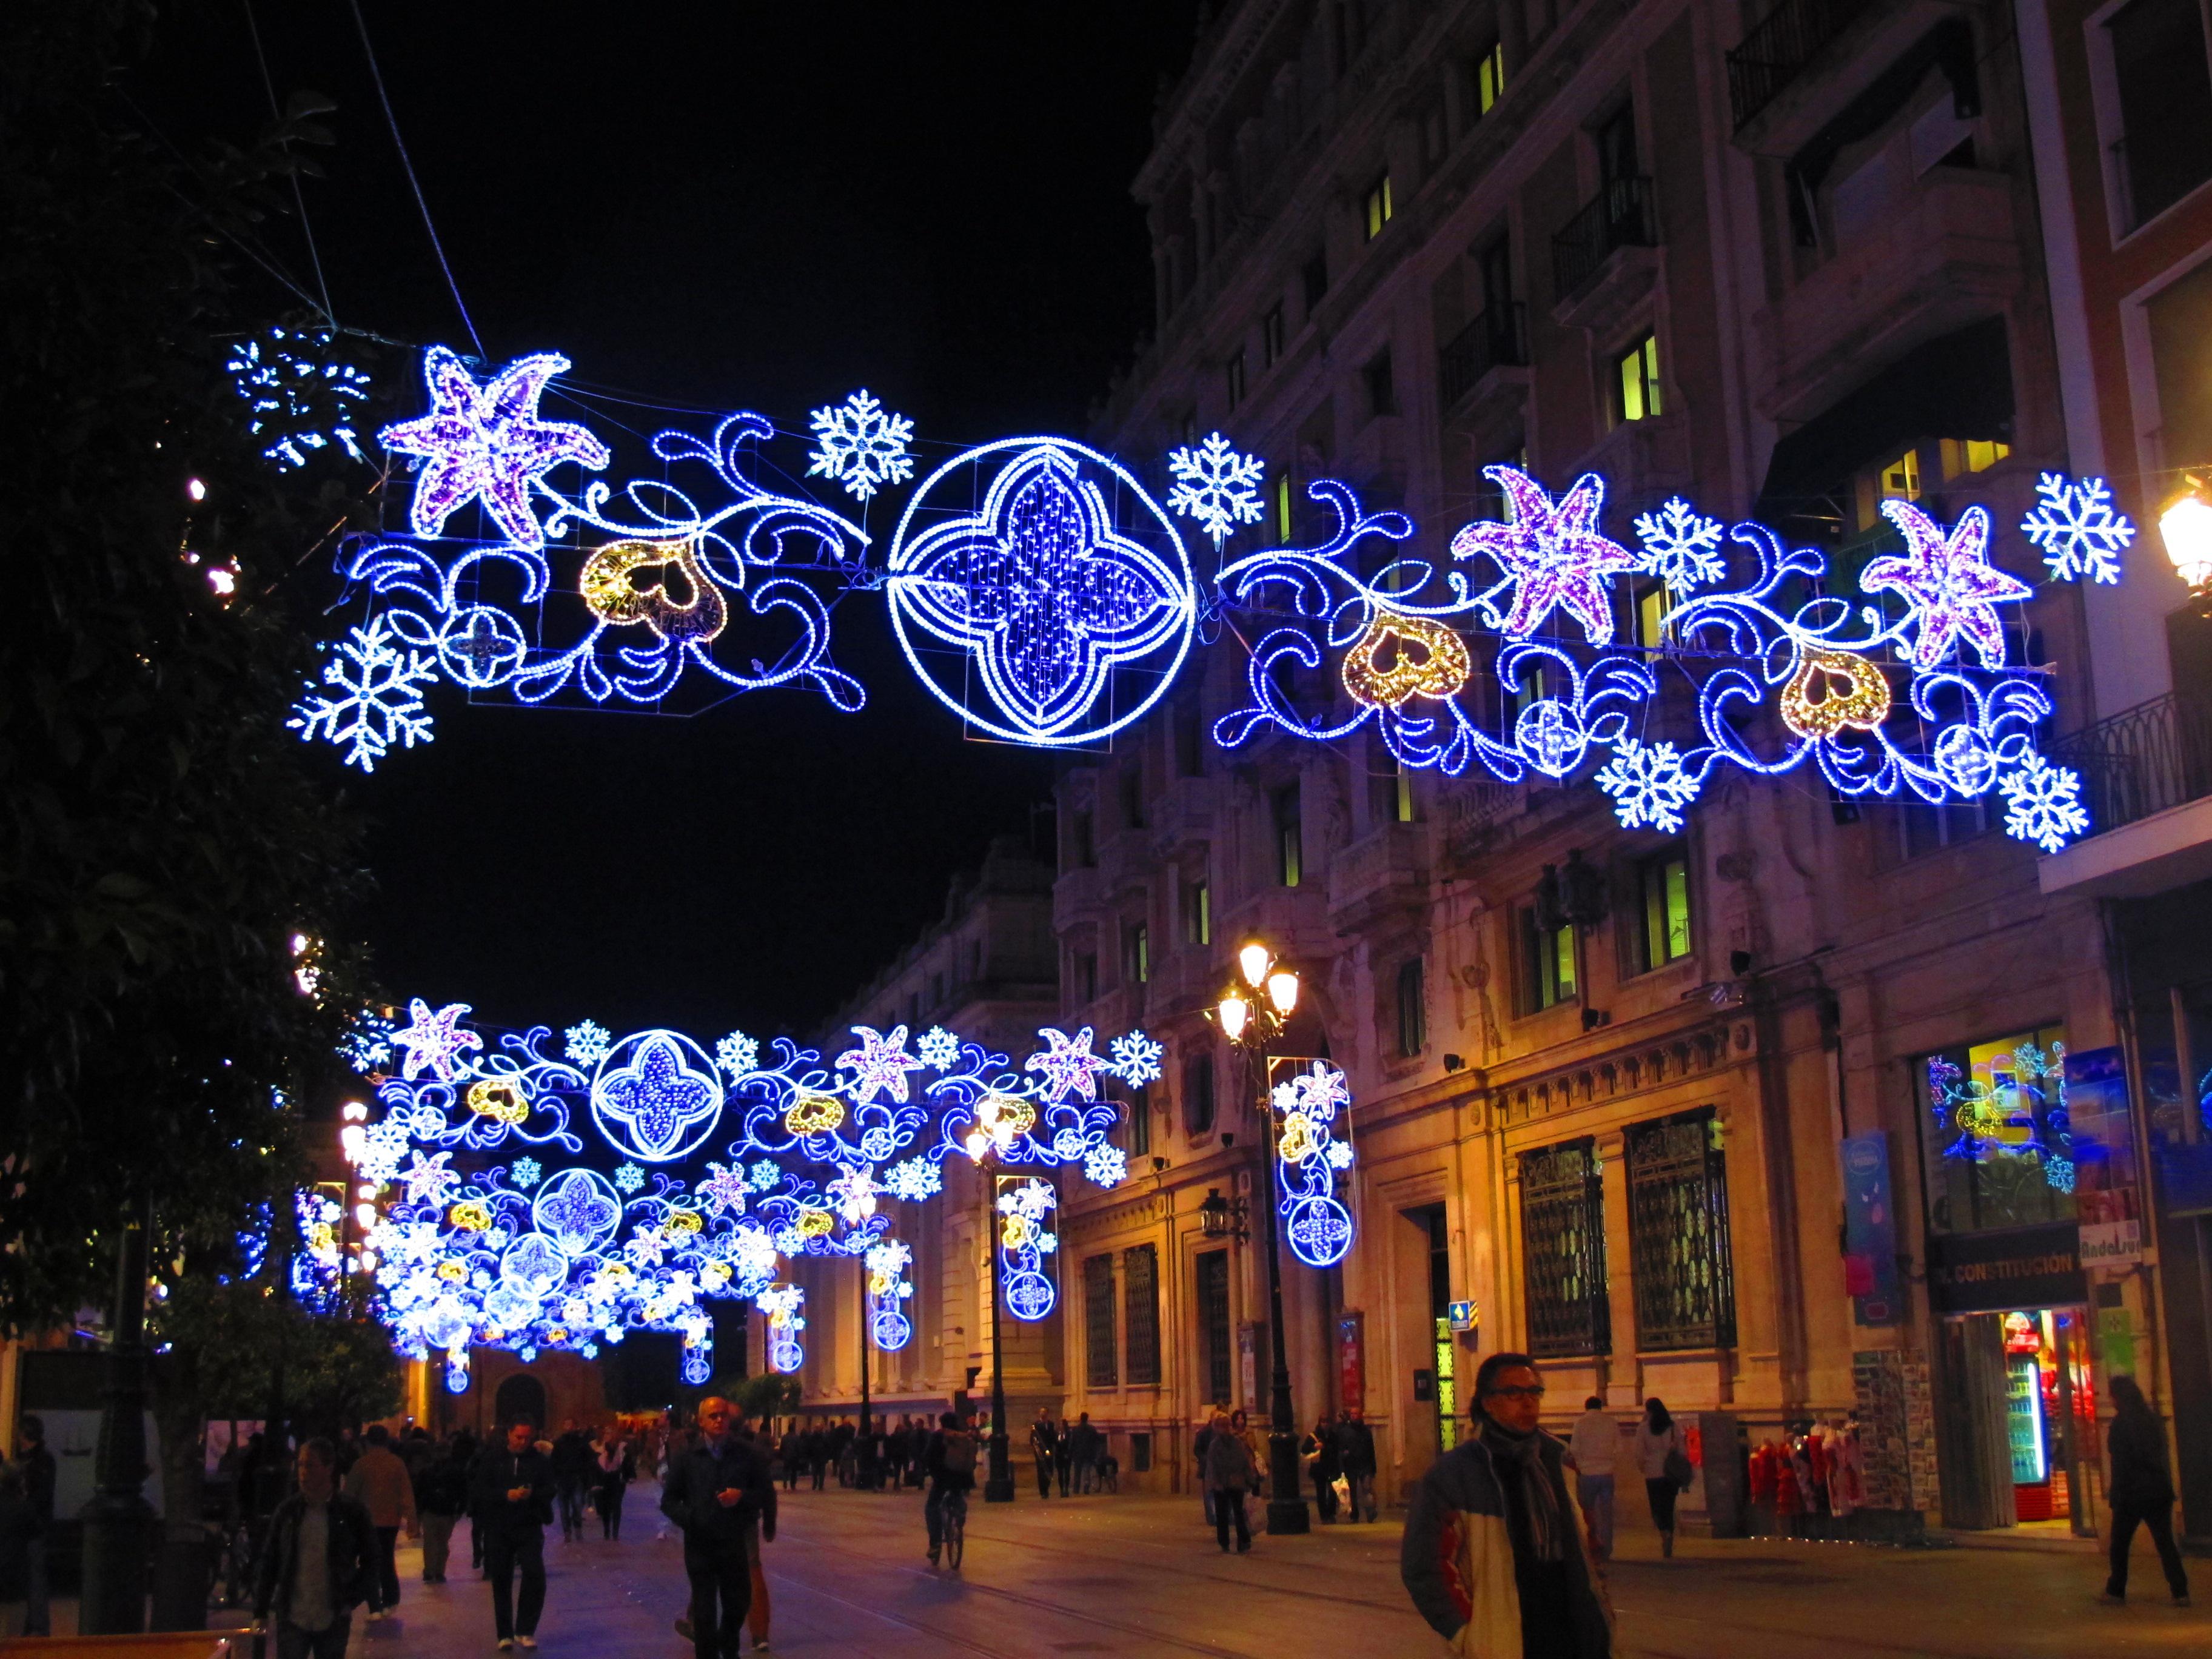 navidad navidades christmas christmas lights - What To Do On Christmas